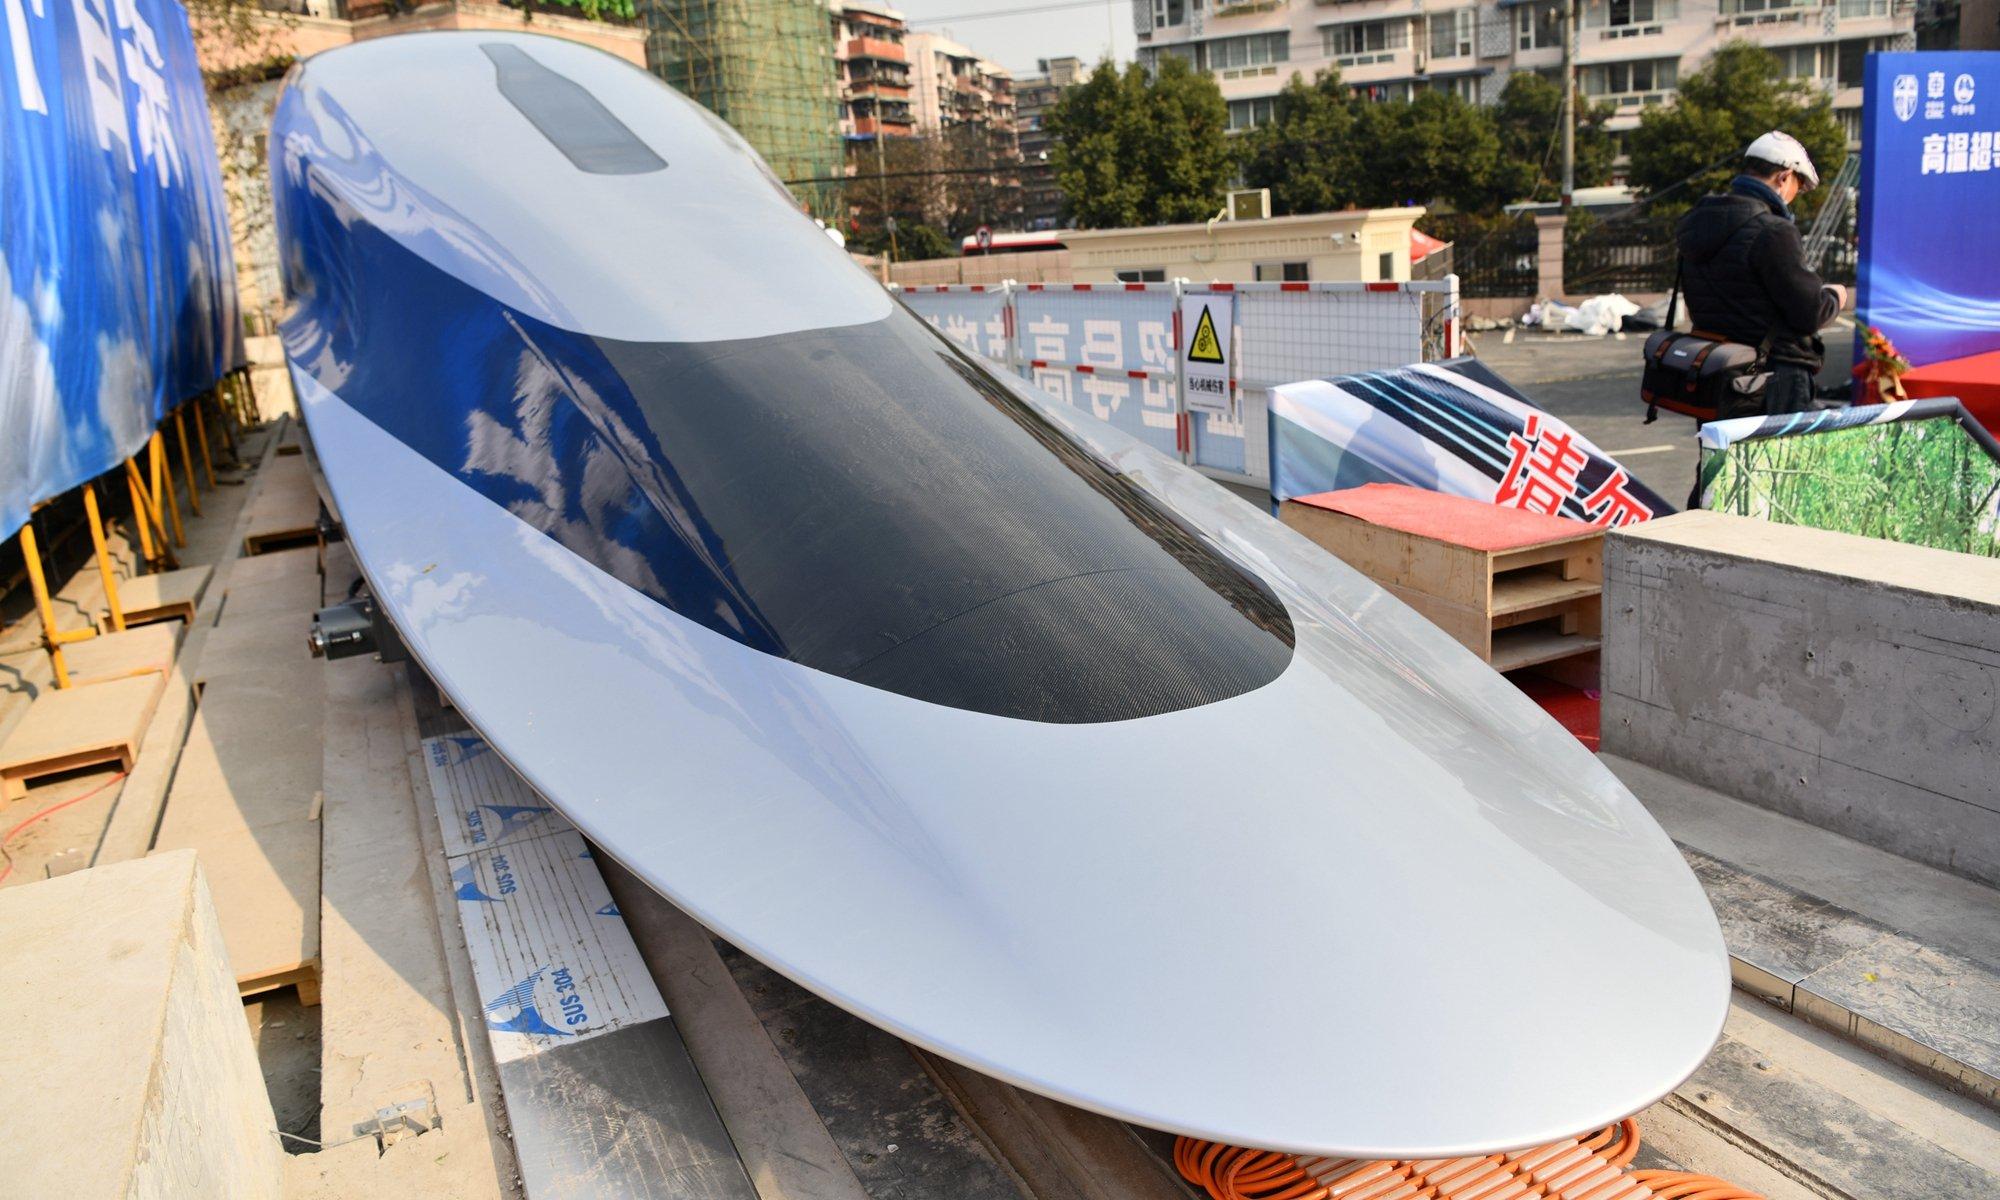 maglev - Magnetic train (maglev) travels at 620 km / h